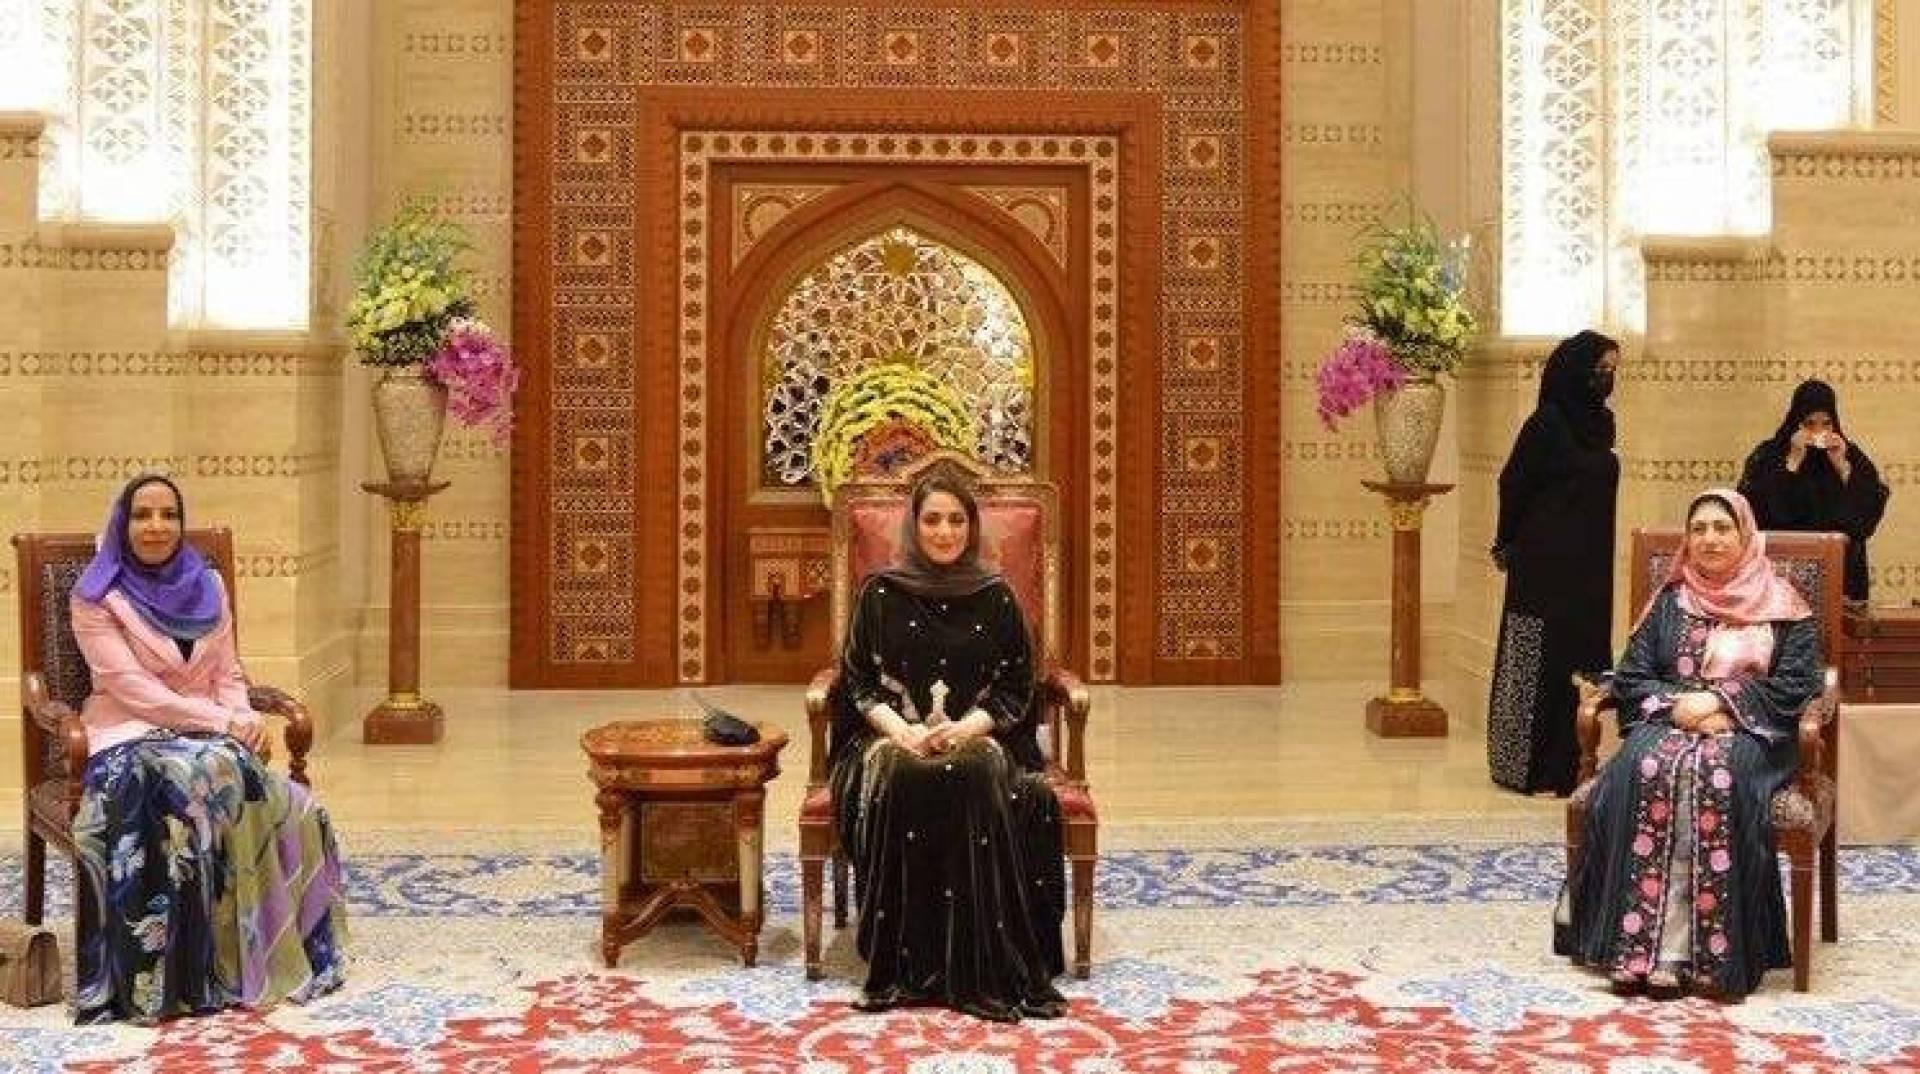 زوجة السلطان هيثم عهد البوسعيدية حديث العمانيين في عيد الأم